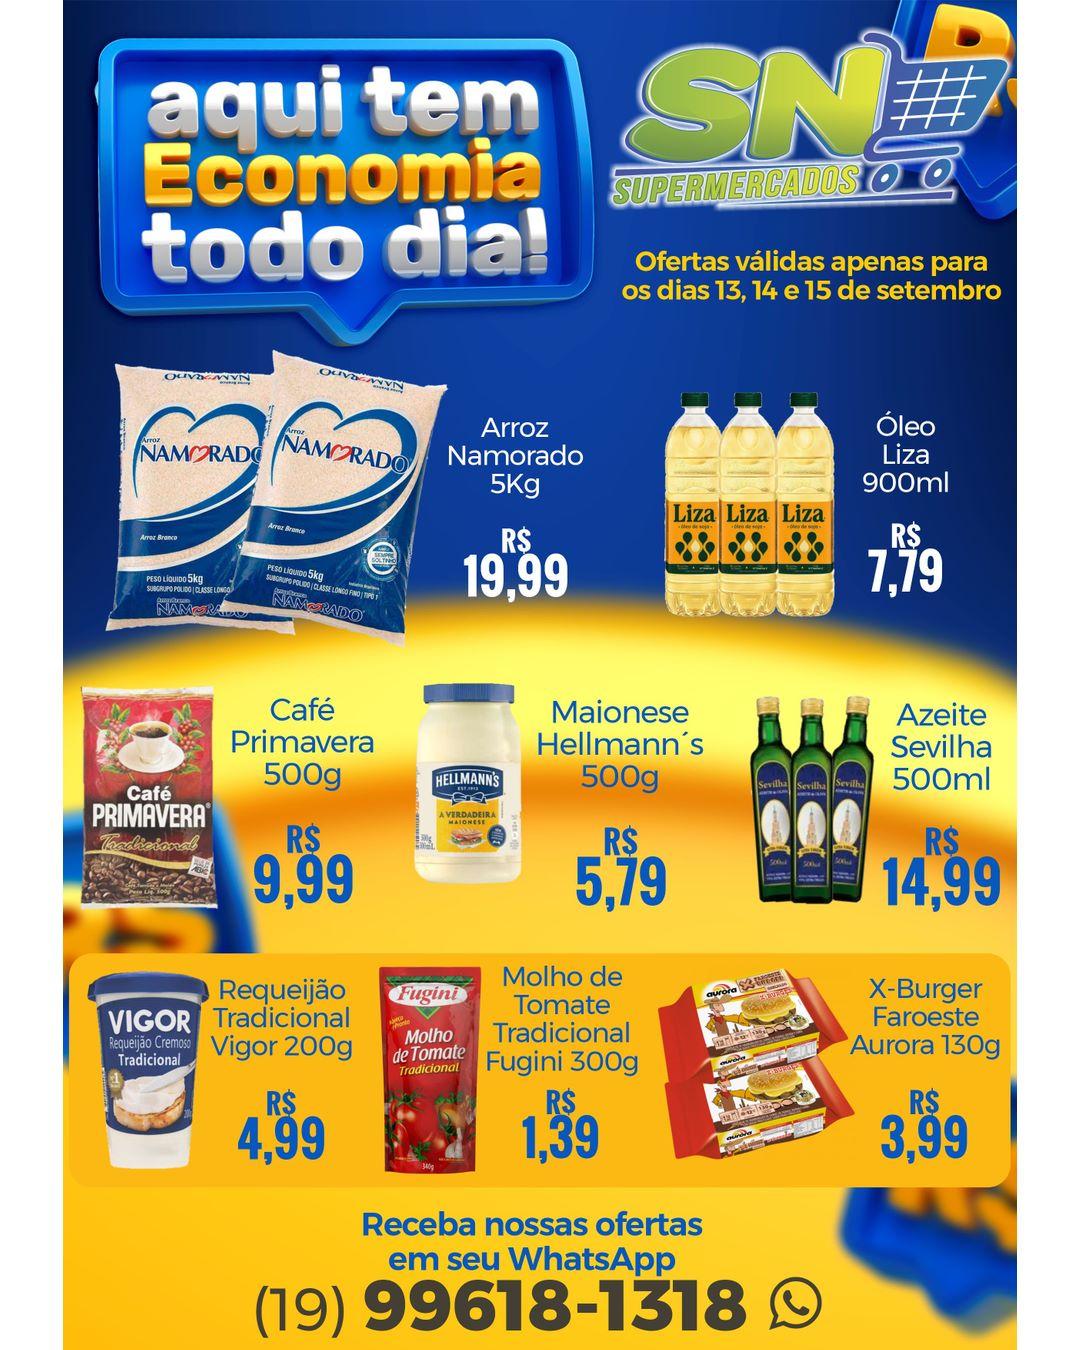 SN Supermercados tem 20 ofertas para a terça e quarta-feira